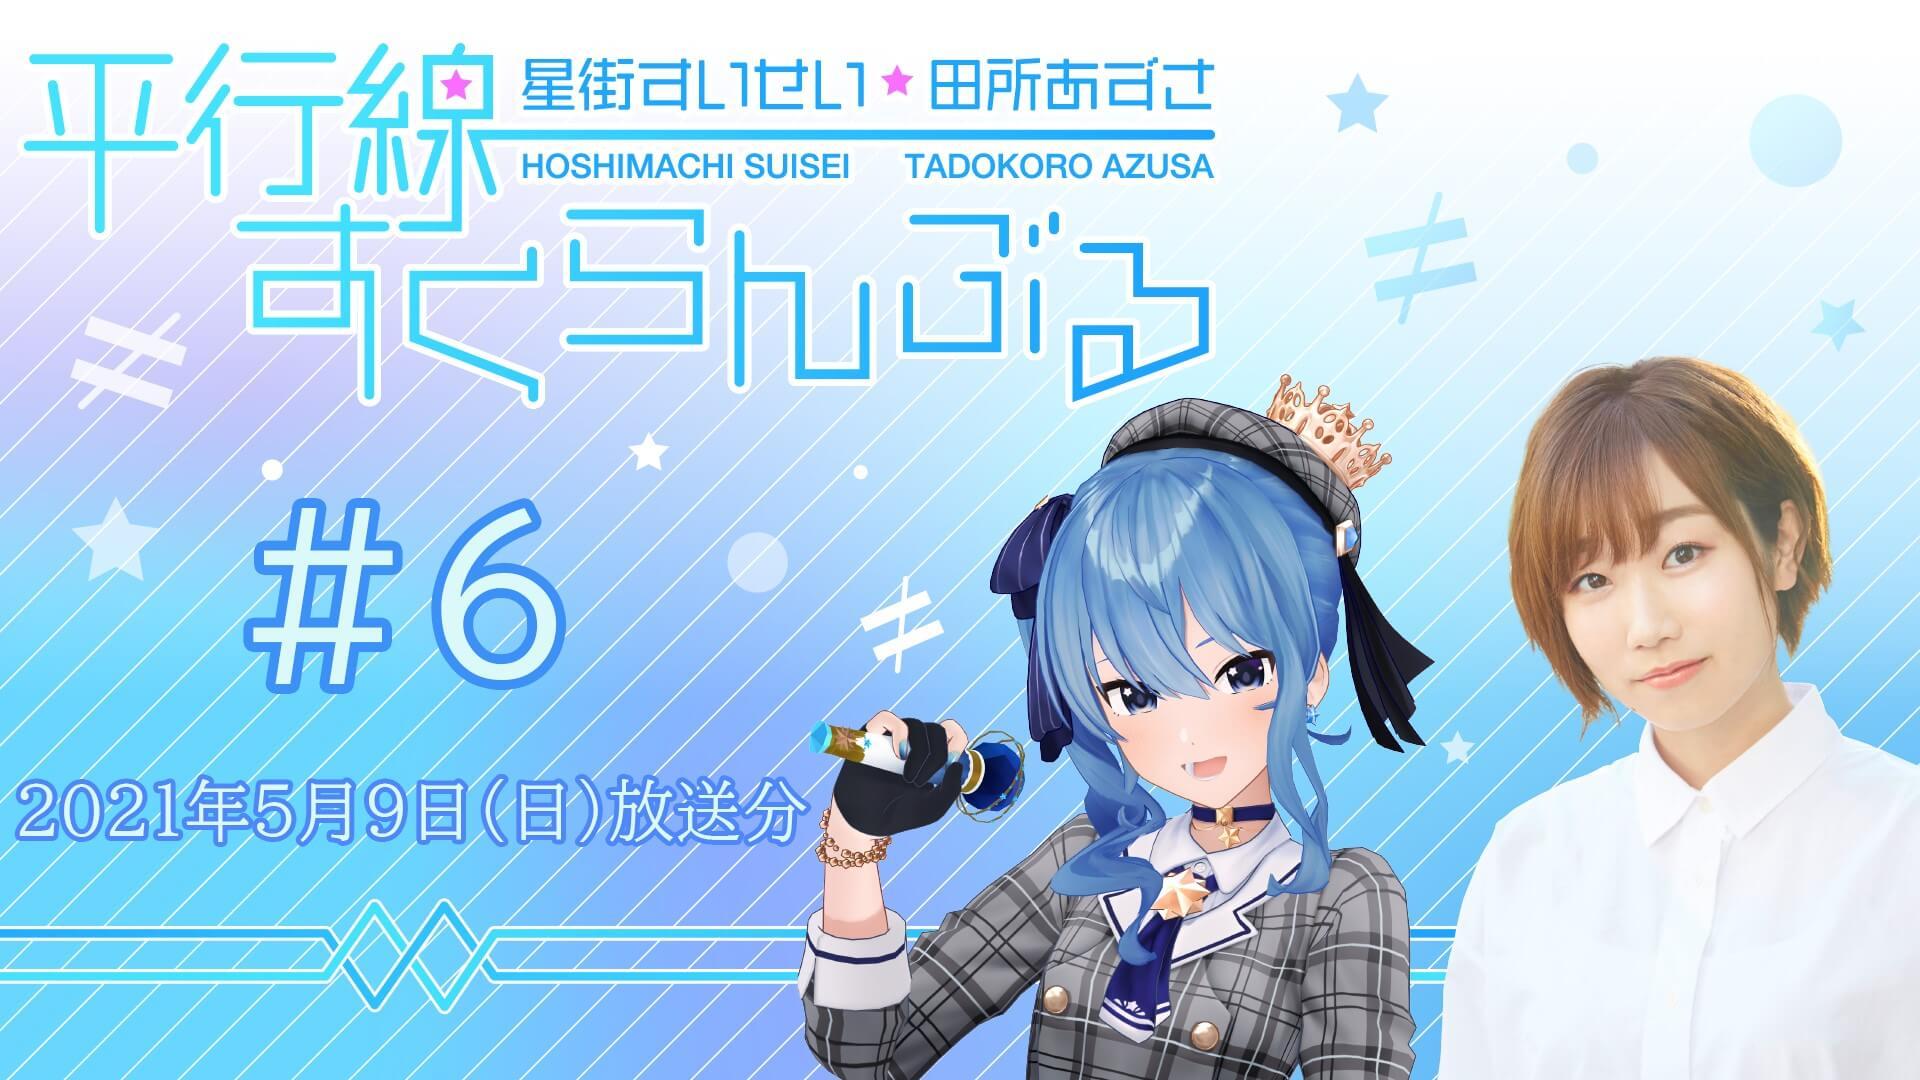 #6『星街すいせい・田所あずさ 平行線すくらんぶる』(2021年5月9日放送分)